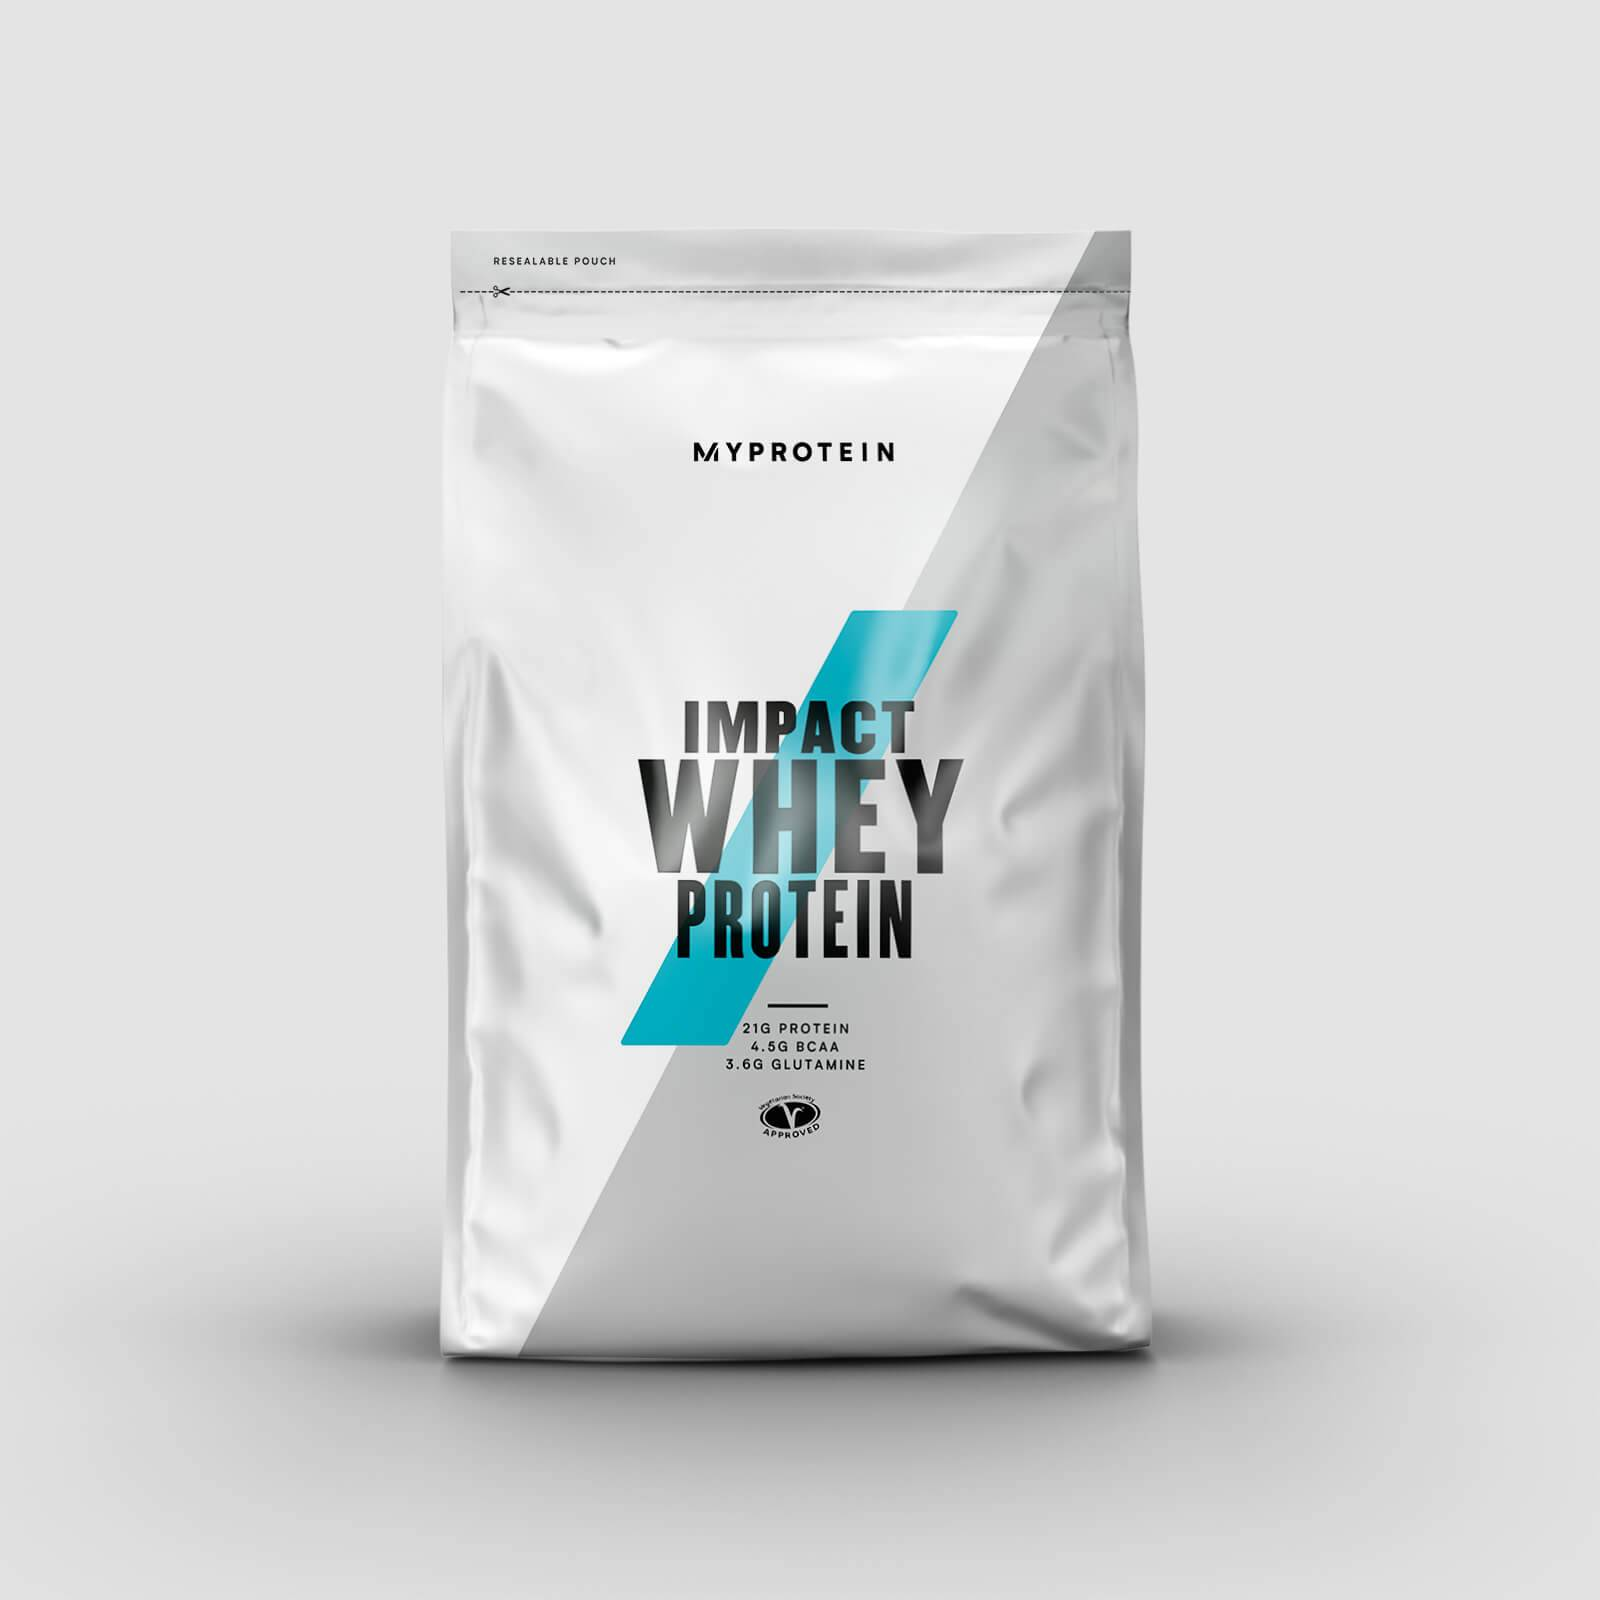 Myprotein Impact Whey Protein - 1kg - Sans arôme ajouté